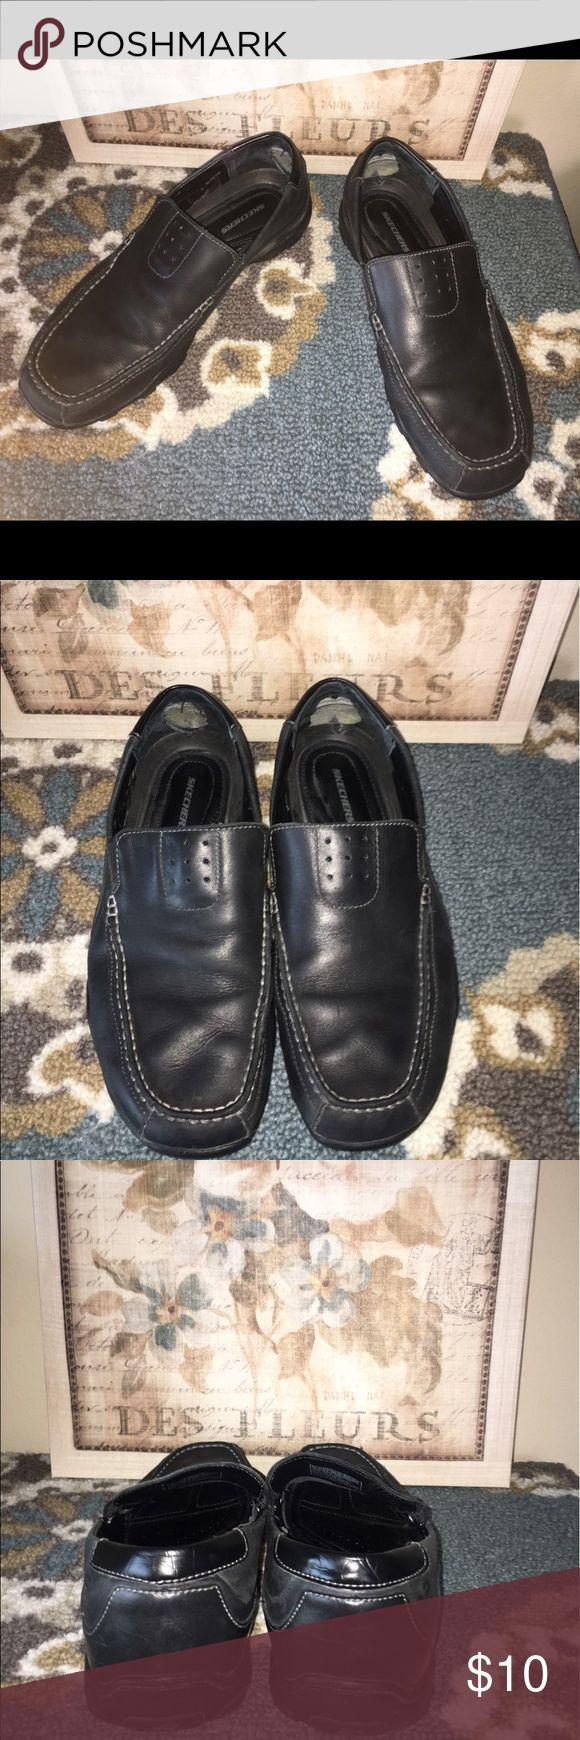 Skechers for Men black slip ons size 10 Skechers for Men black slip ons size 10. Used. Skechers Shoes Loafers & Slip-Ons